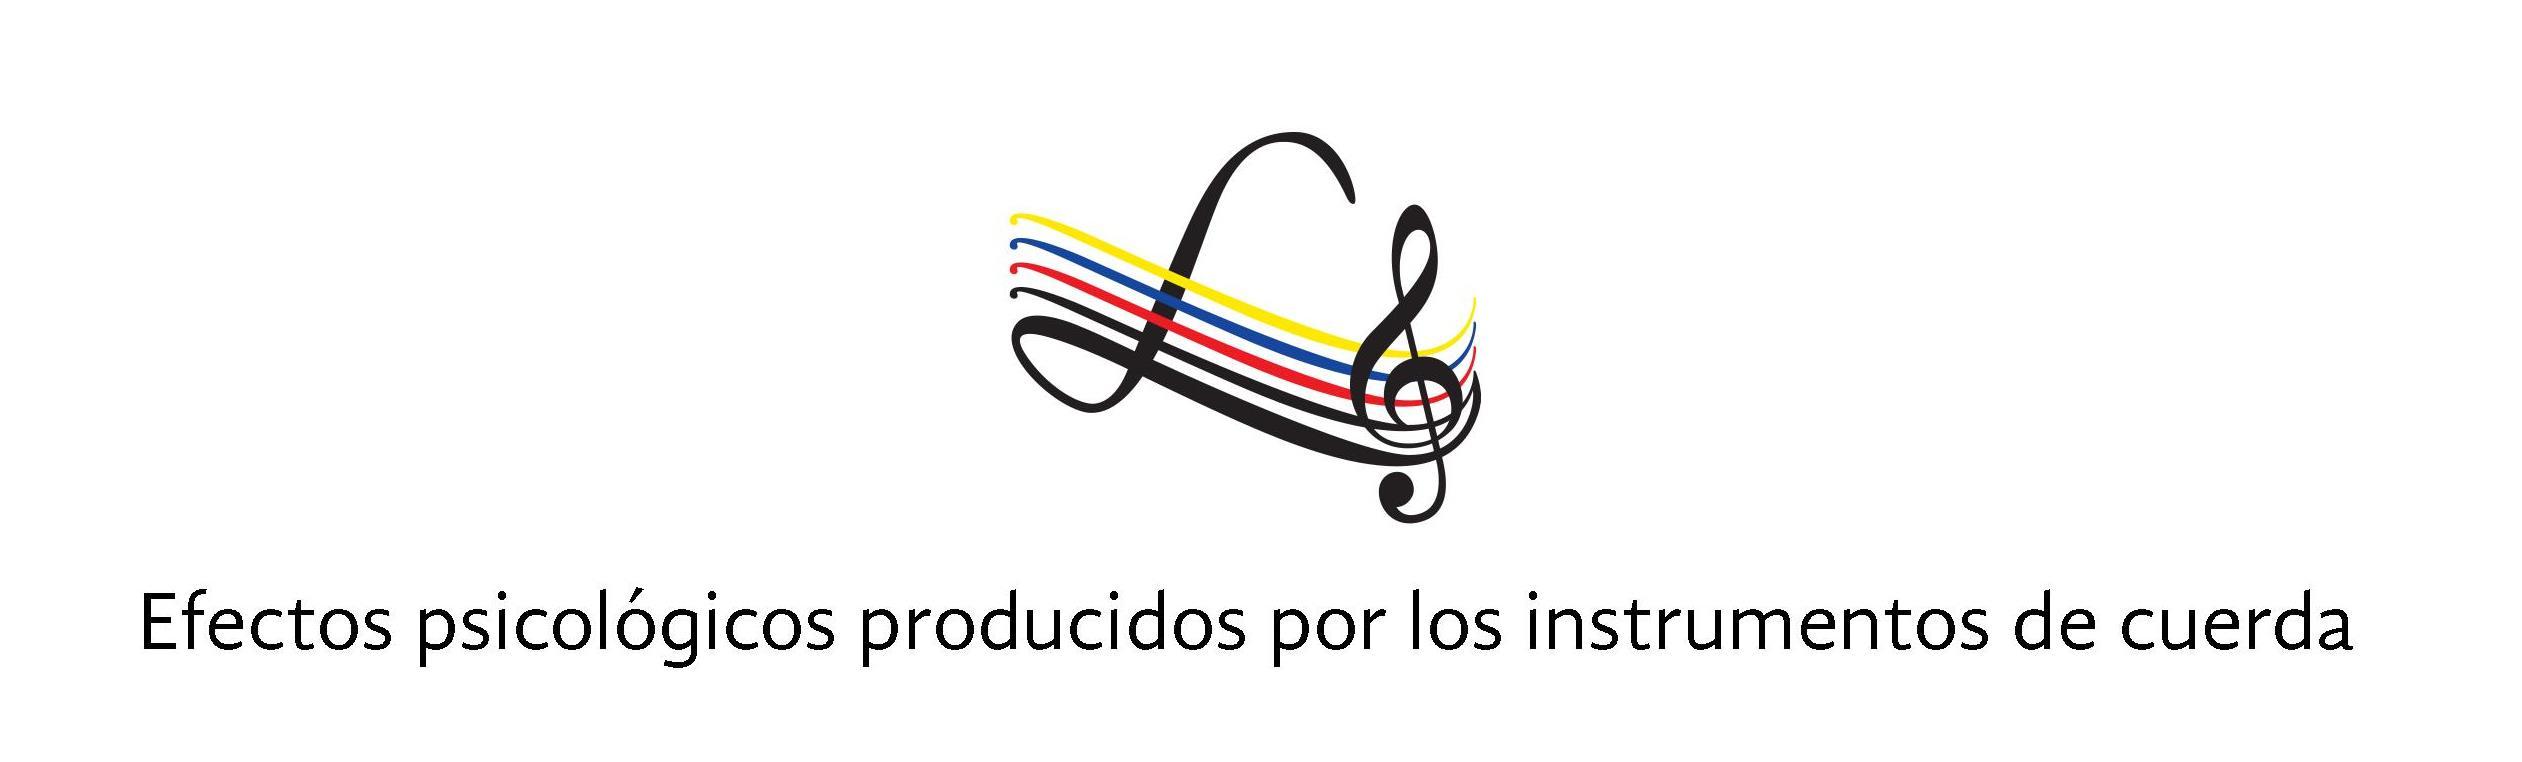 Efectos psicológicos producidos por los instrumentos de cuerda